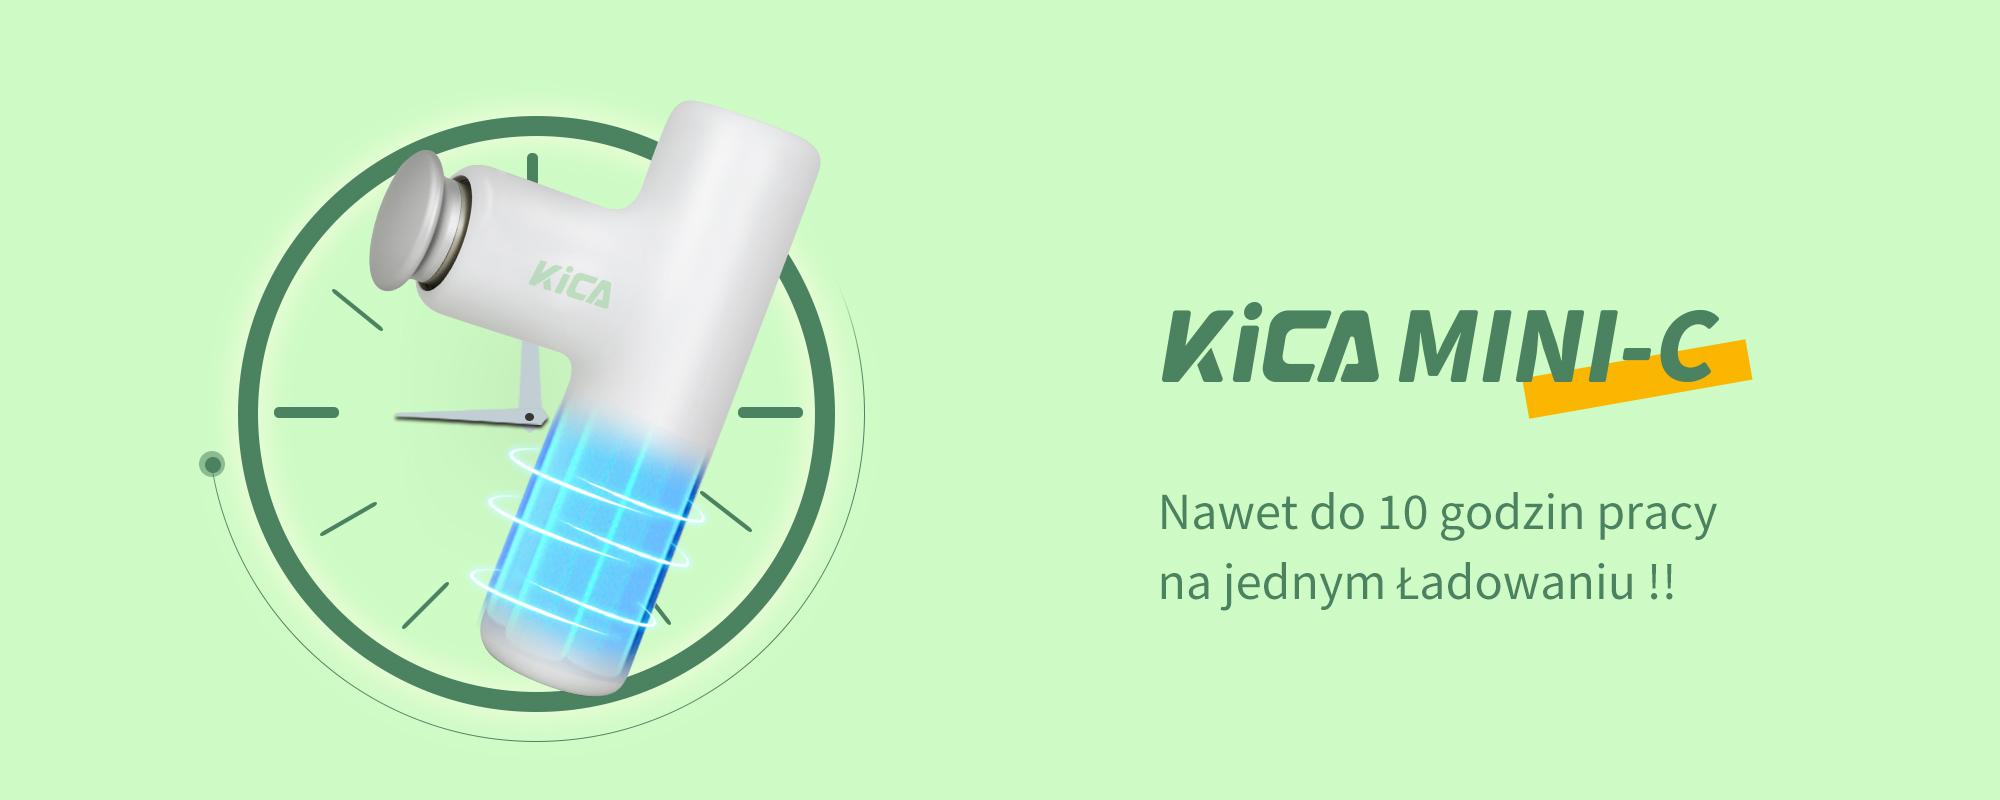 Grafika przedstawiająca masażer FeiyuTech KiCA Mini C